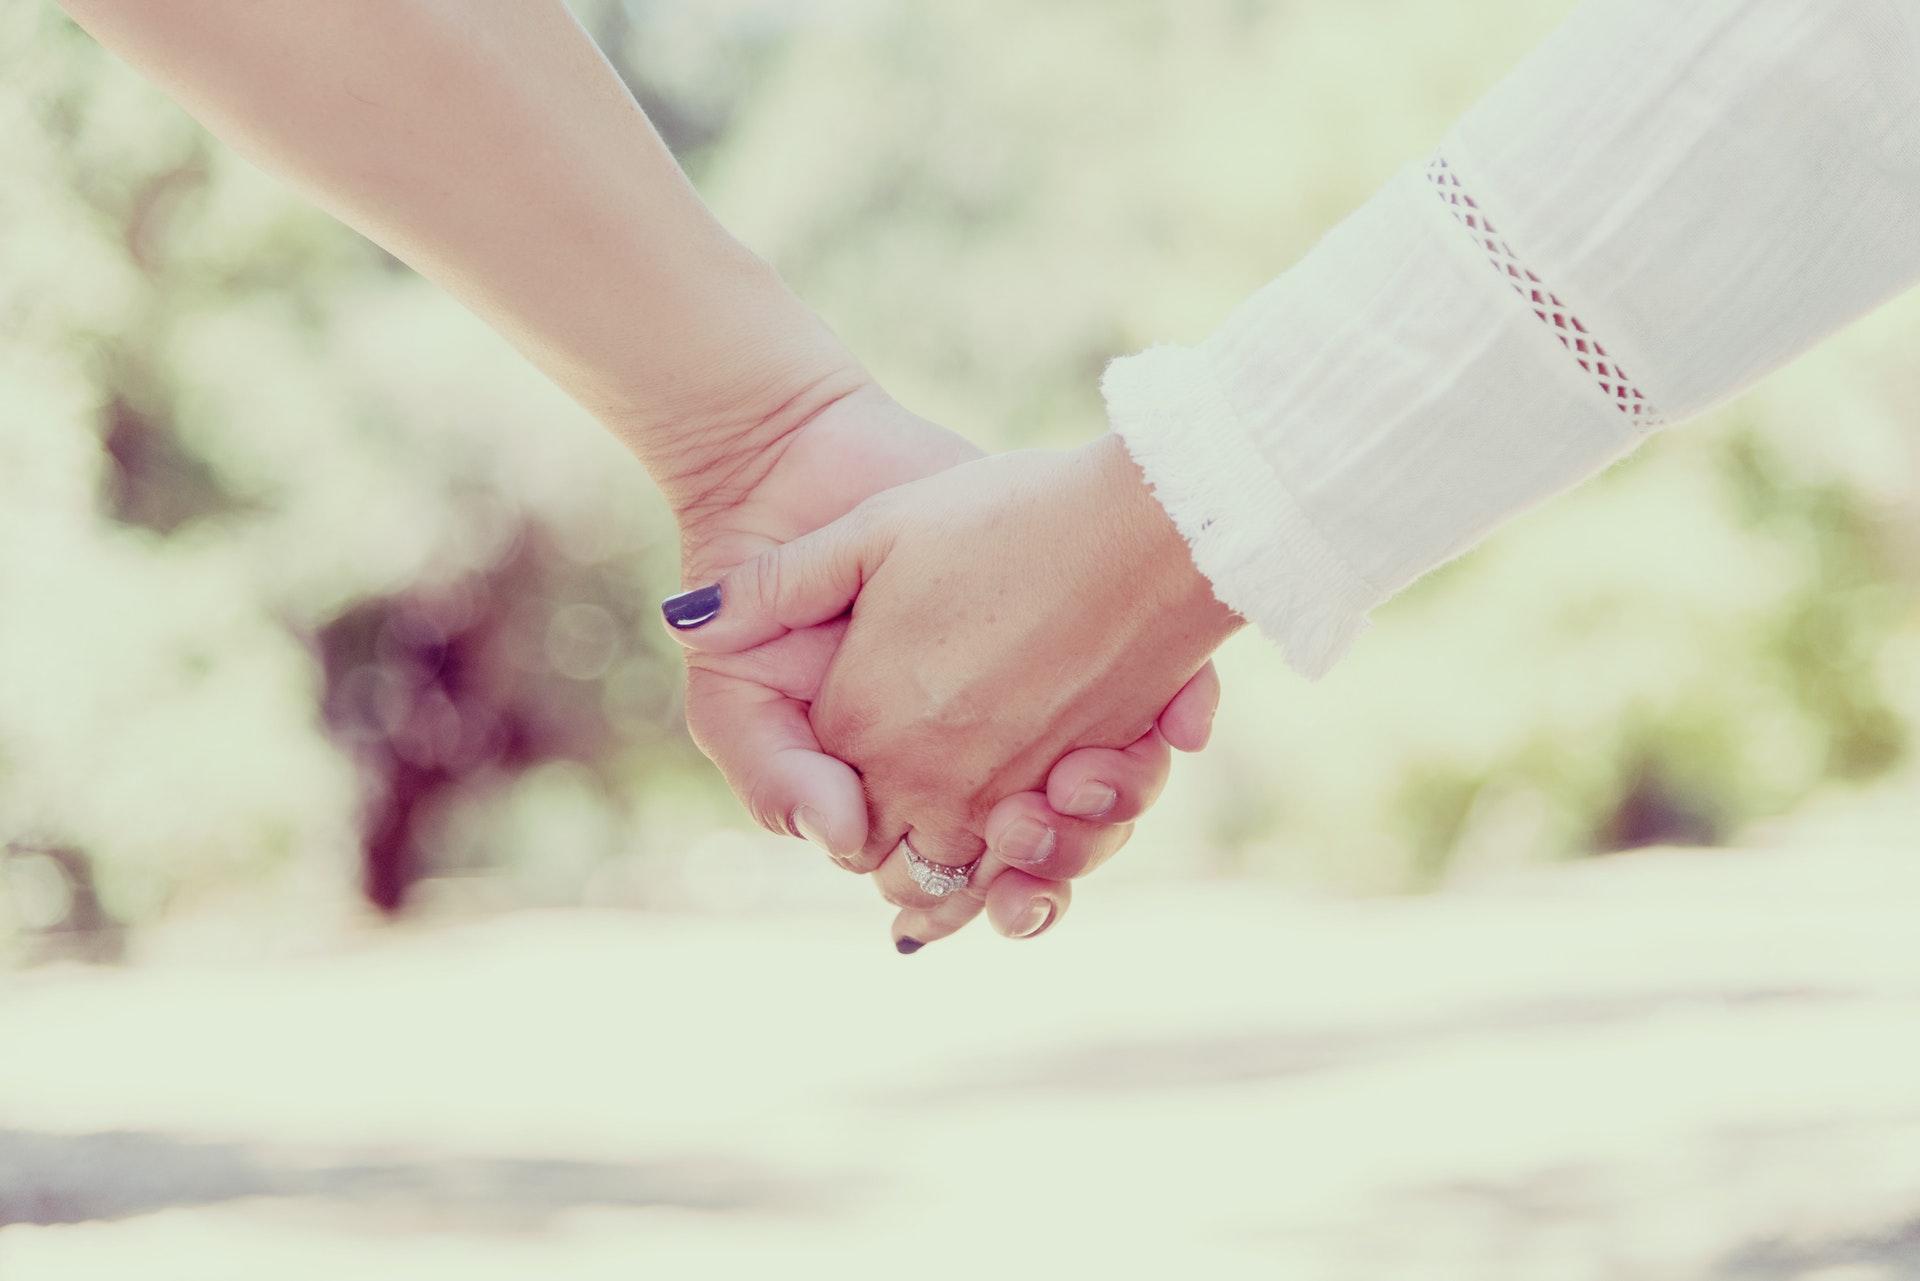 5 ознак, що ваші відносини переживають період кризи